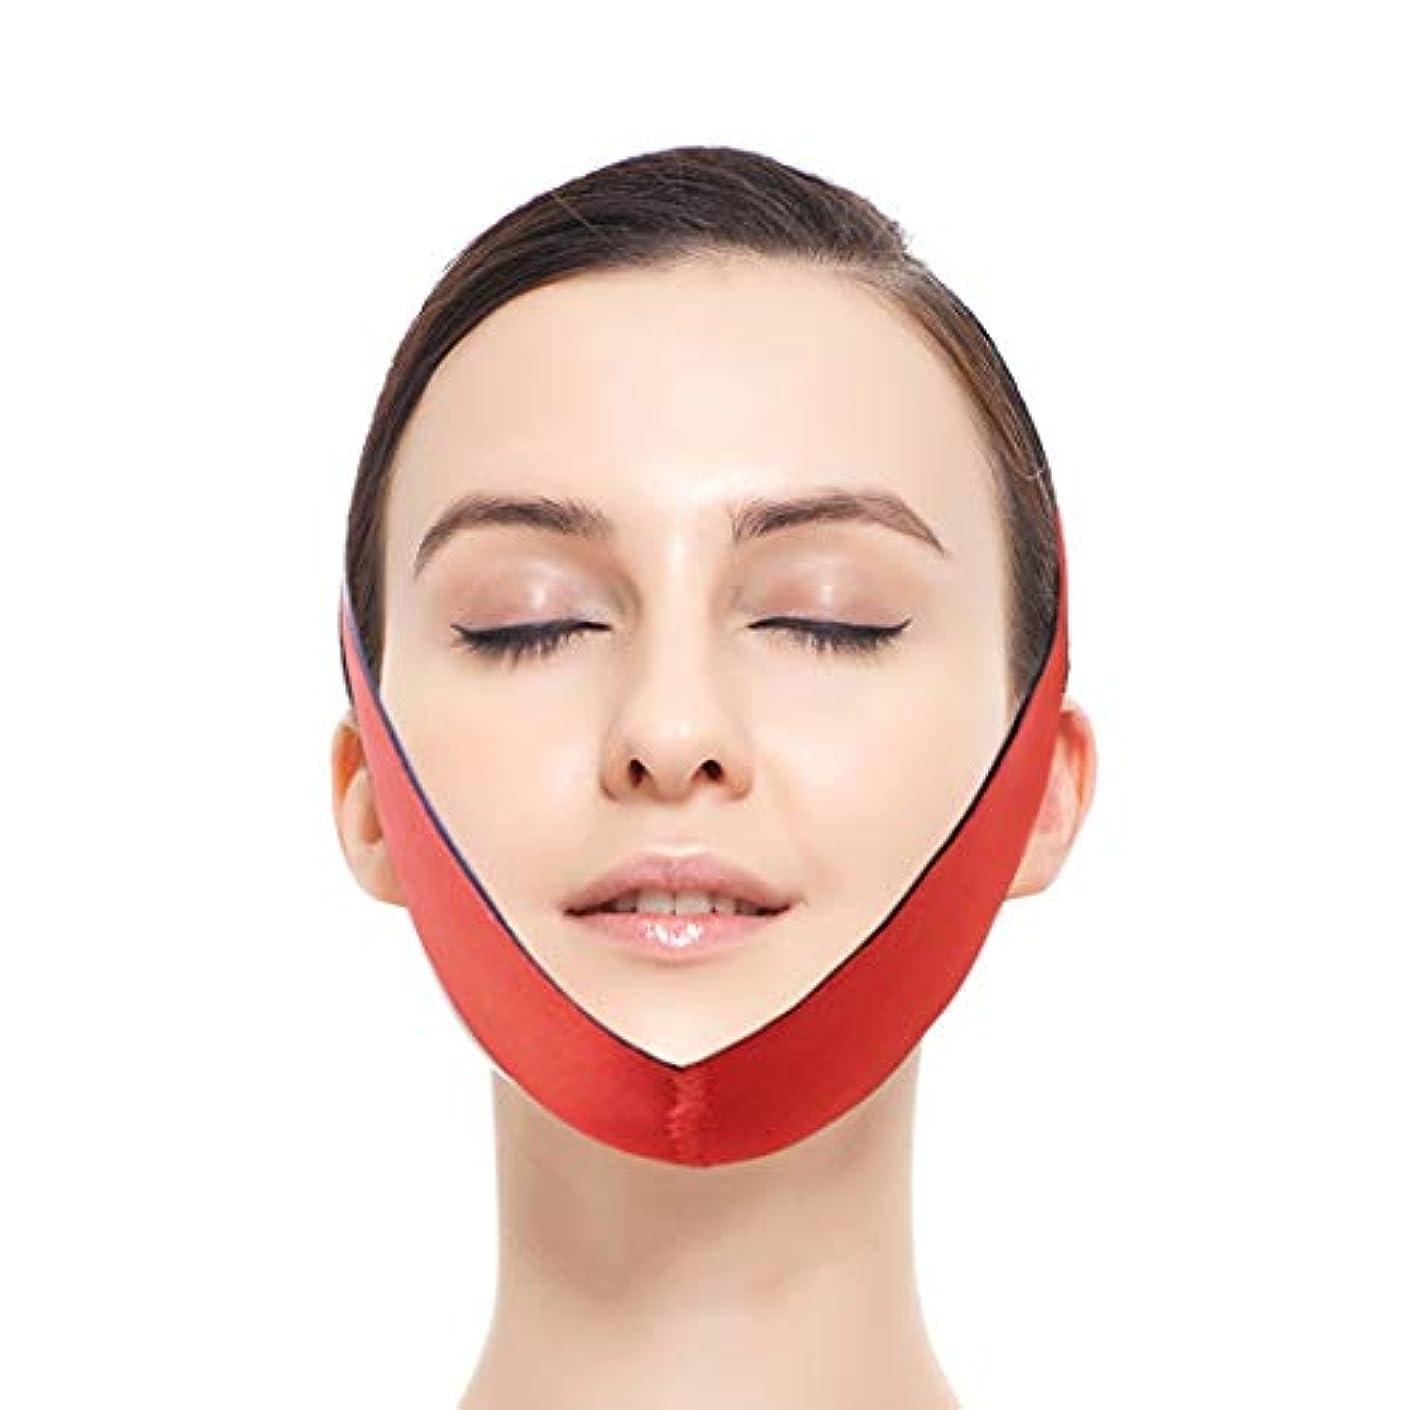 コントロール闇活力ZWBD フェイスマスク, 顔を持ち上げる包帯V顔リフティング引き締めの美しさ薄い顔包帯眠っている男性と女性と顎セット持ち上げタイトな睡眠